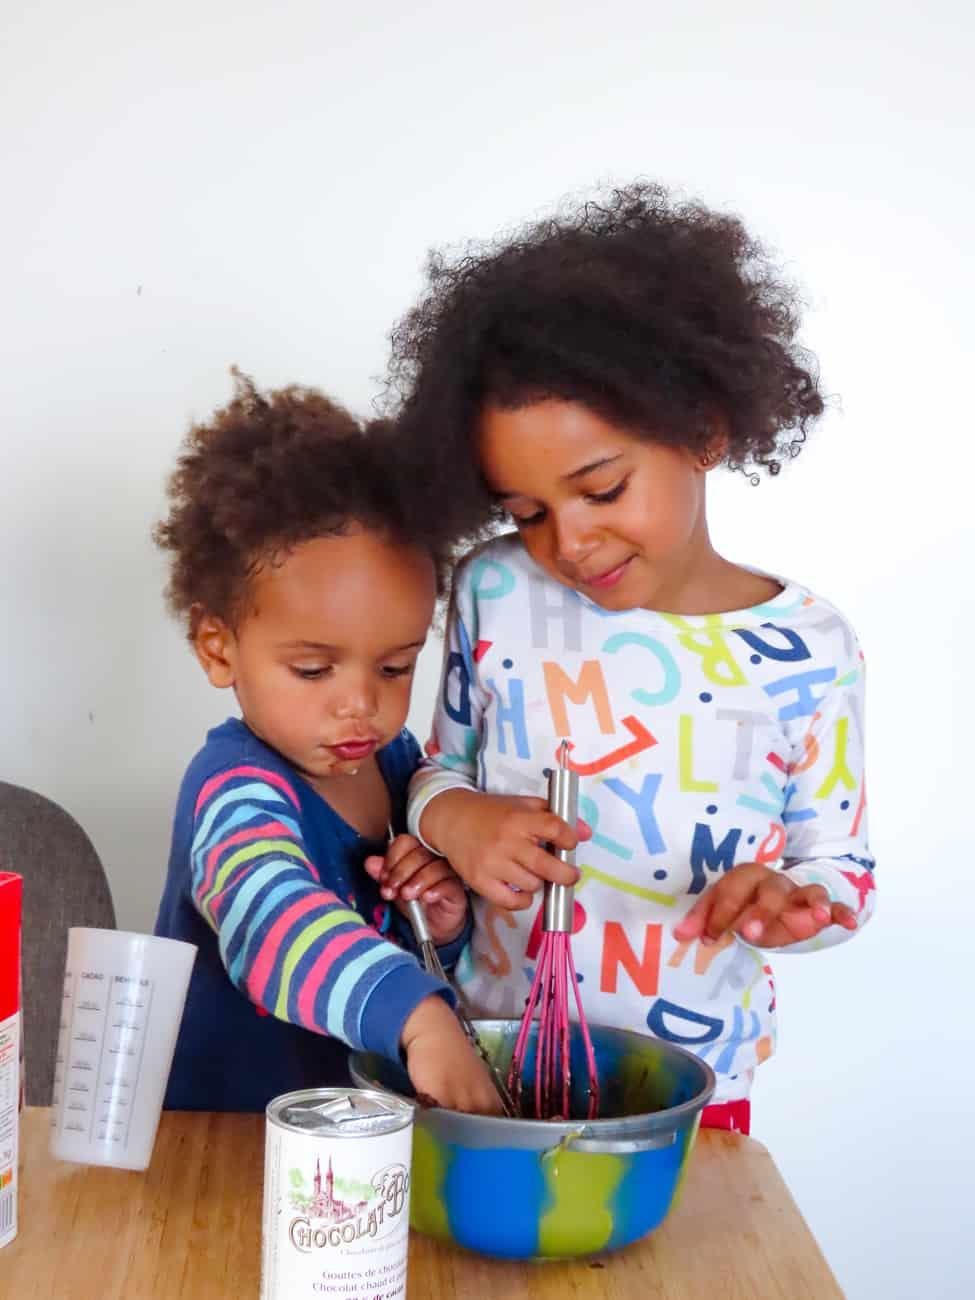 cuisiner-avec-enfants-recettes-14